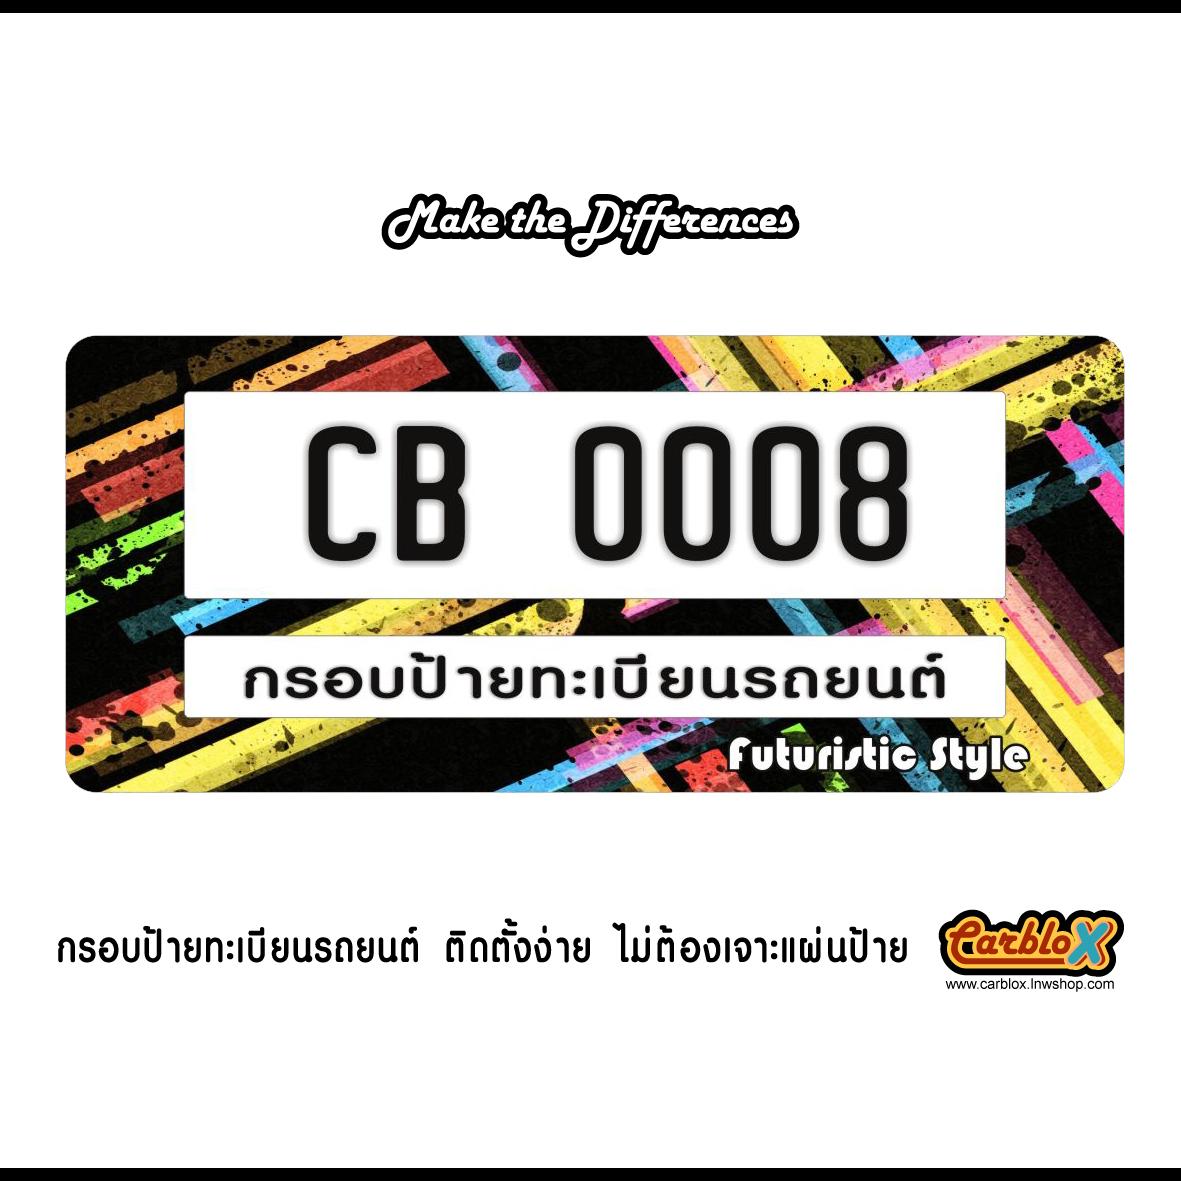 กรอบป้ายทะเบียนรถยนต์ CARBLOX ระหัส CB 0008 ลาย FASHION STYLE.